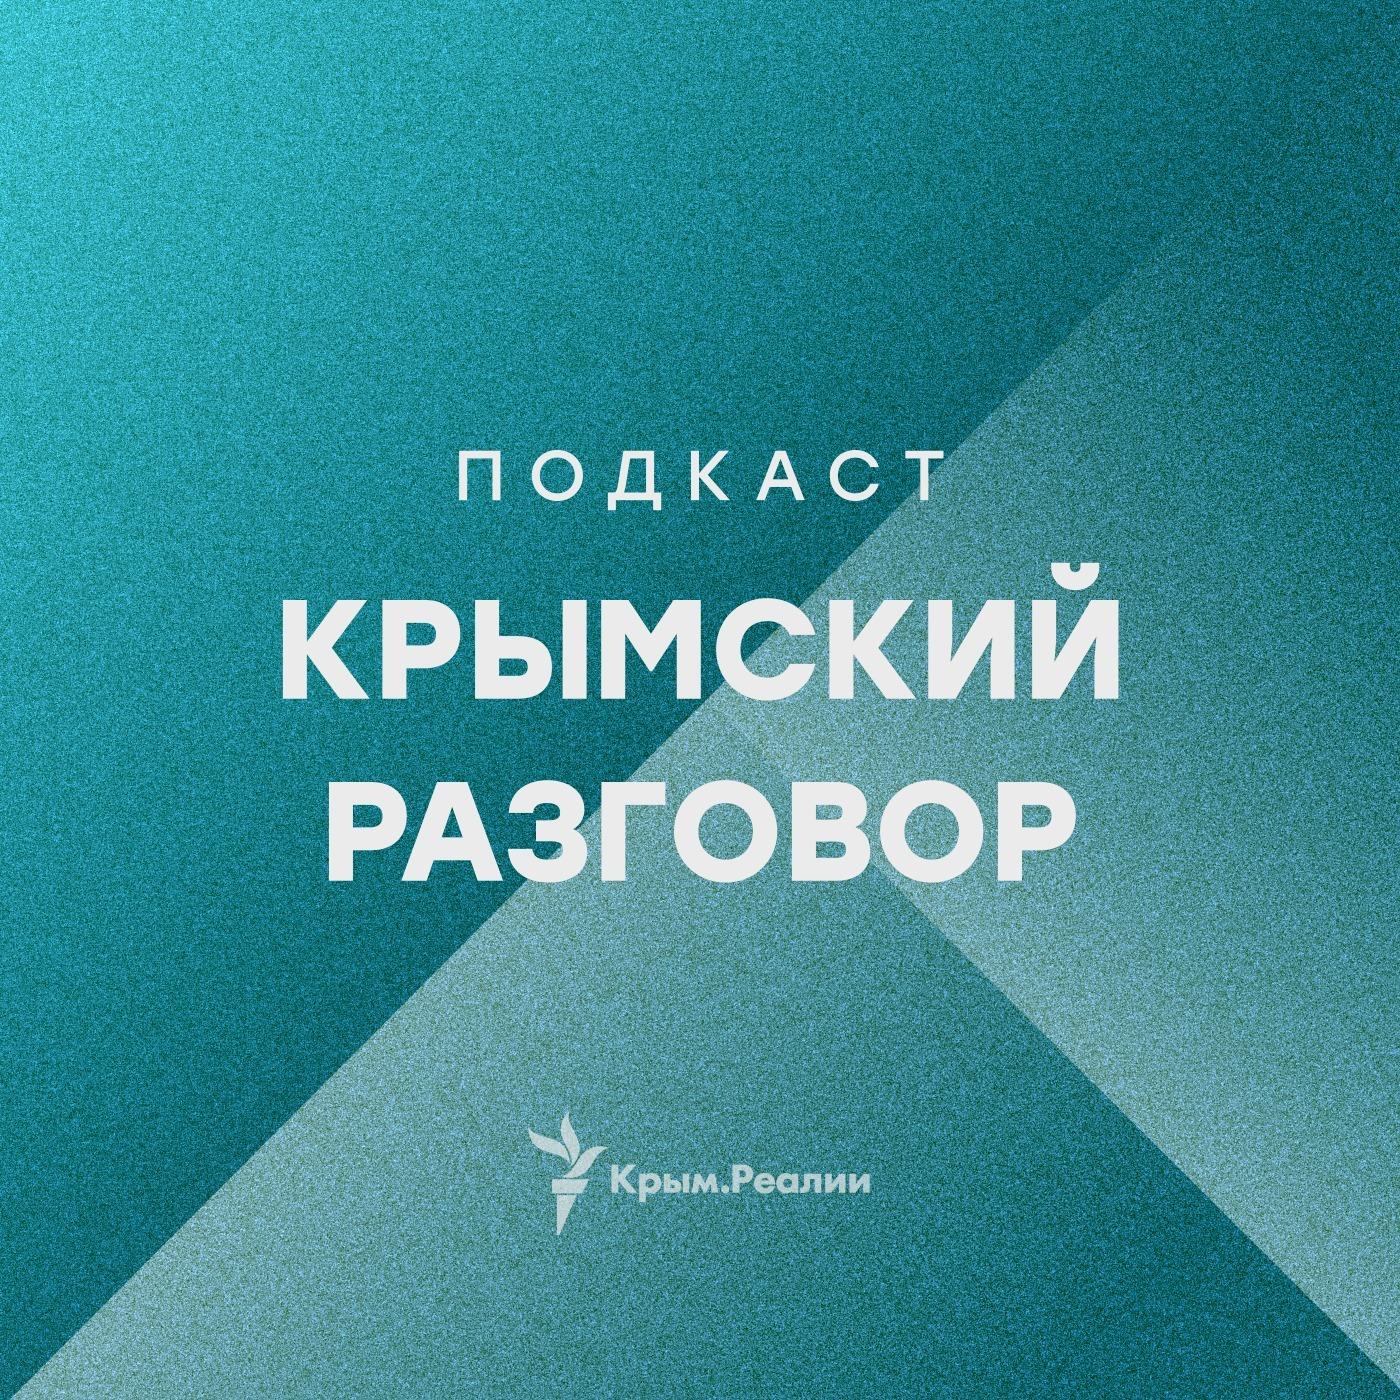 Крымчане в новой Верховной Раде | Крымский разговор